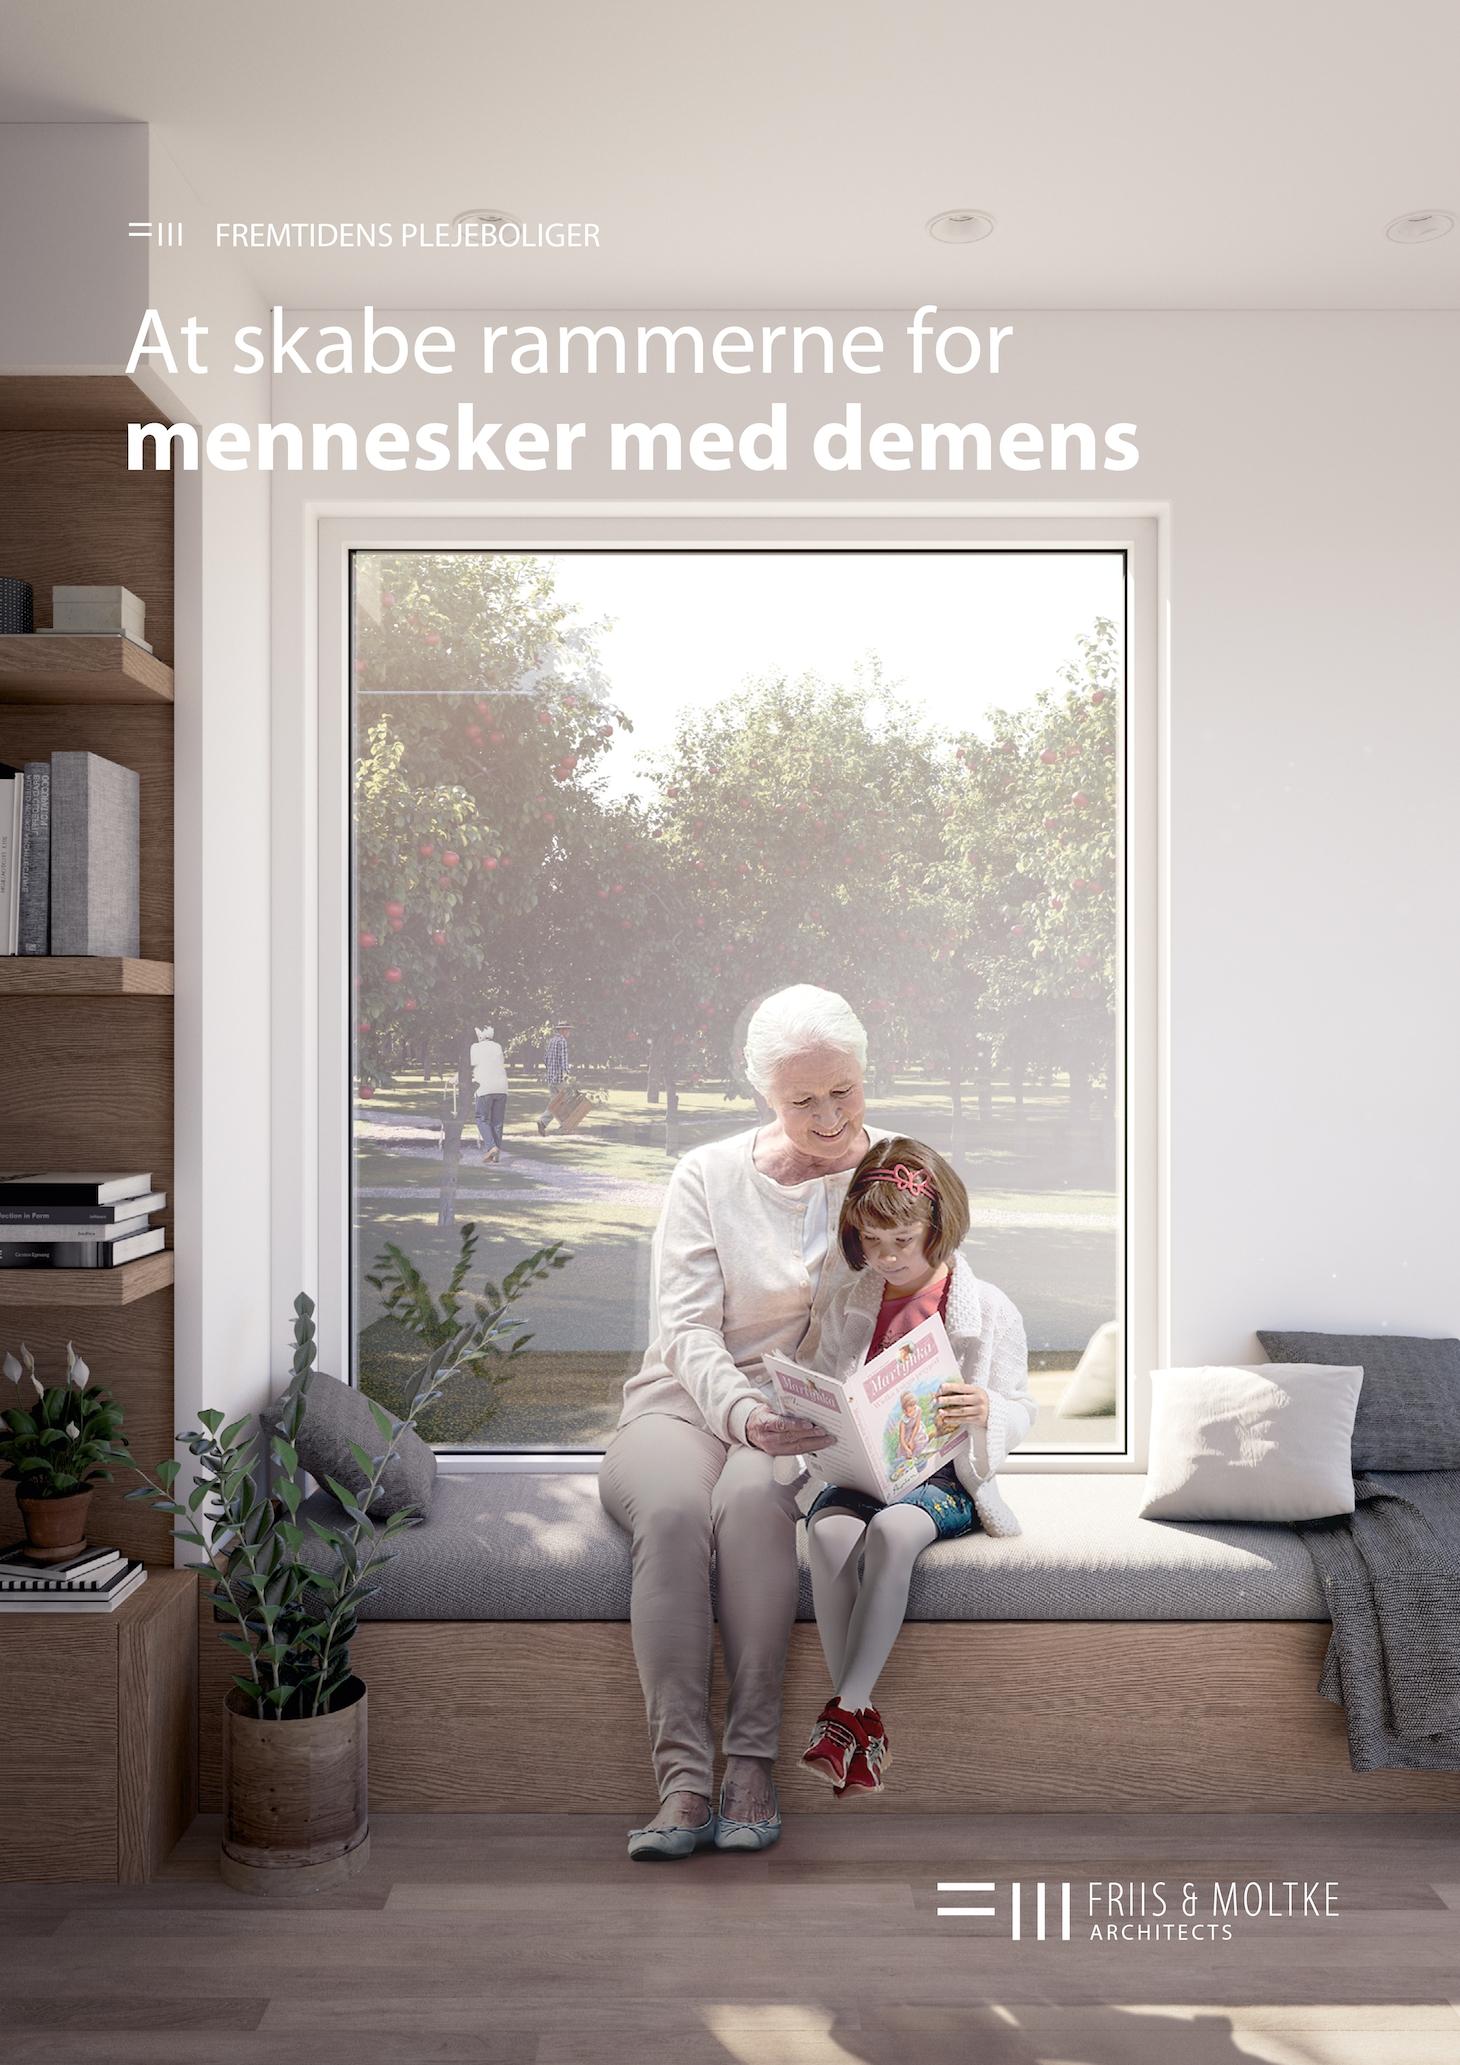 At skabe rammerne for mennesker med demens